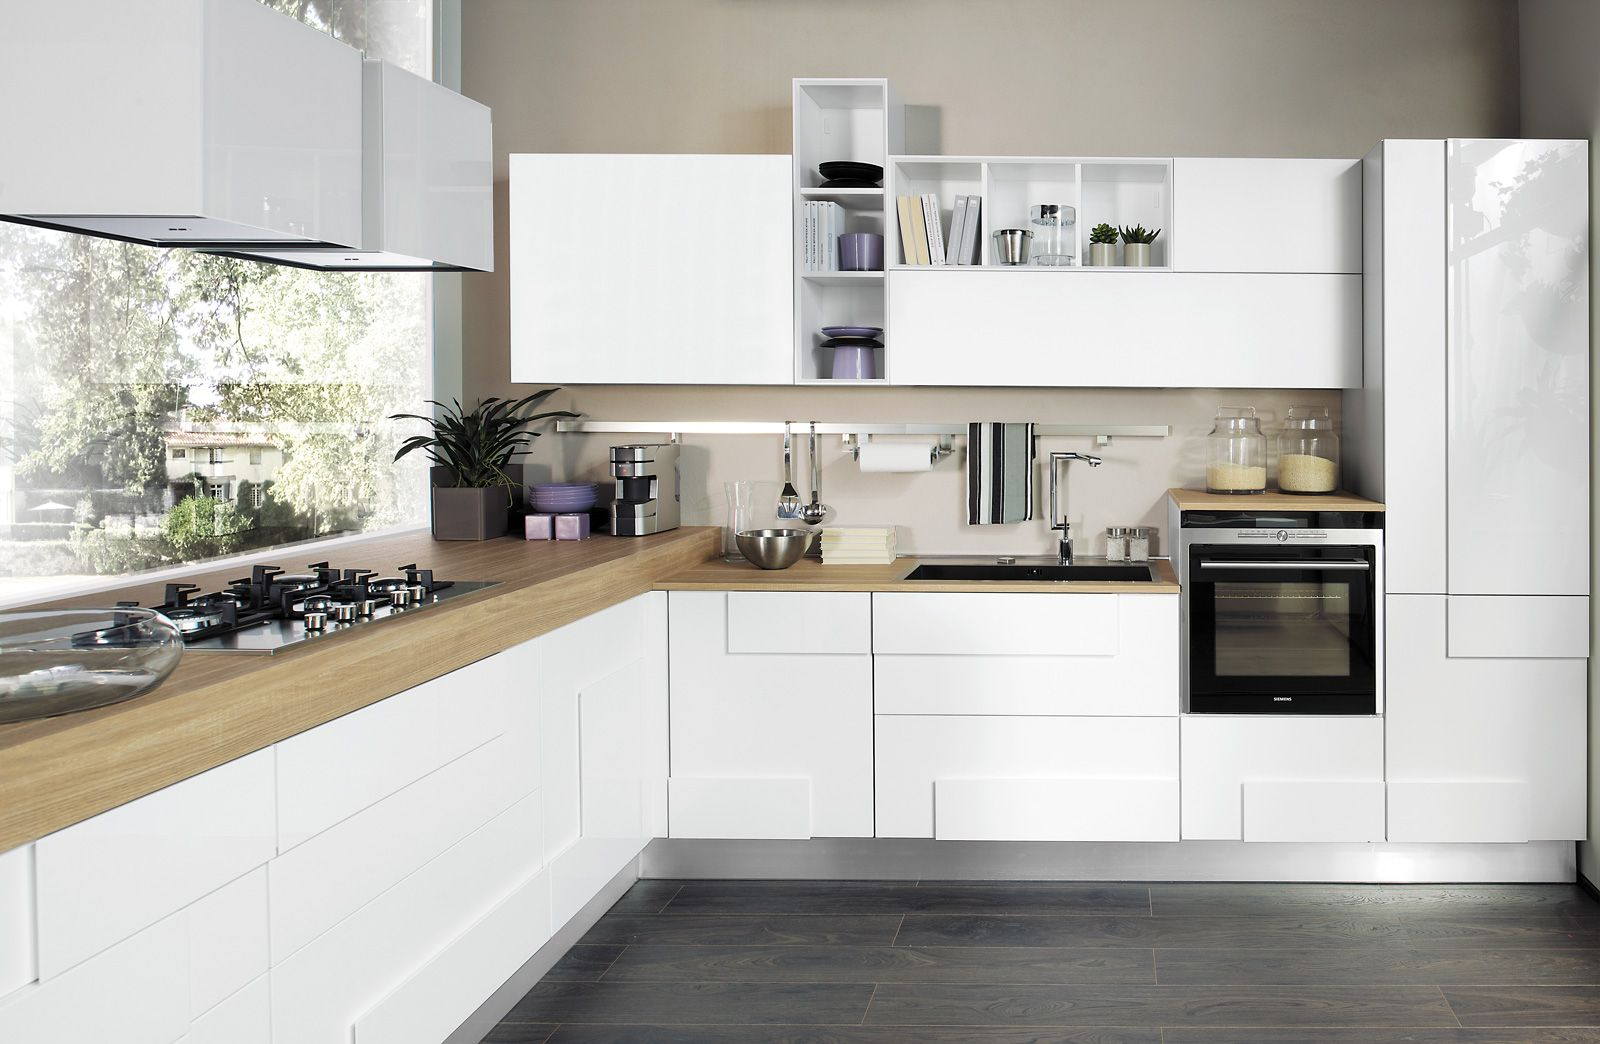 Tradizionale con ante a telaio o moderna con superfici - Riverniciare ante cucina ...